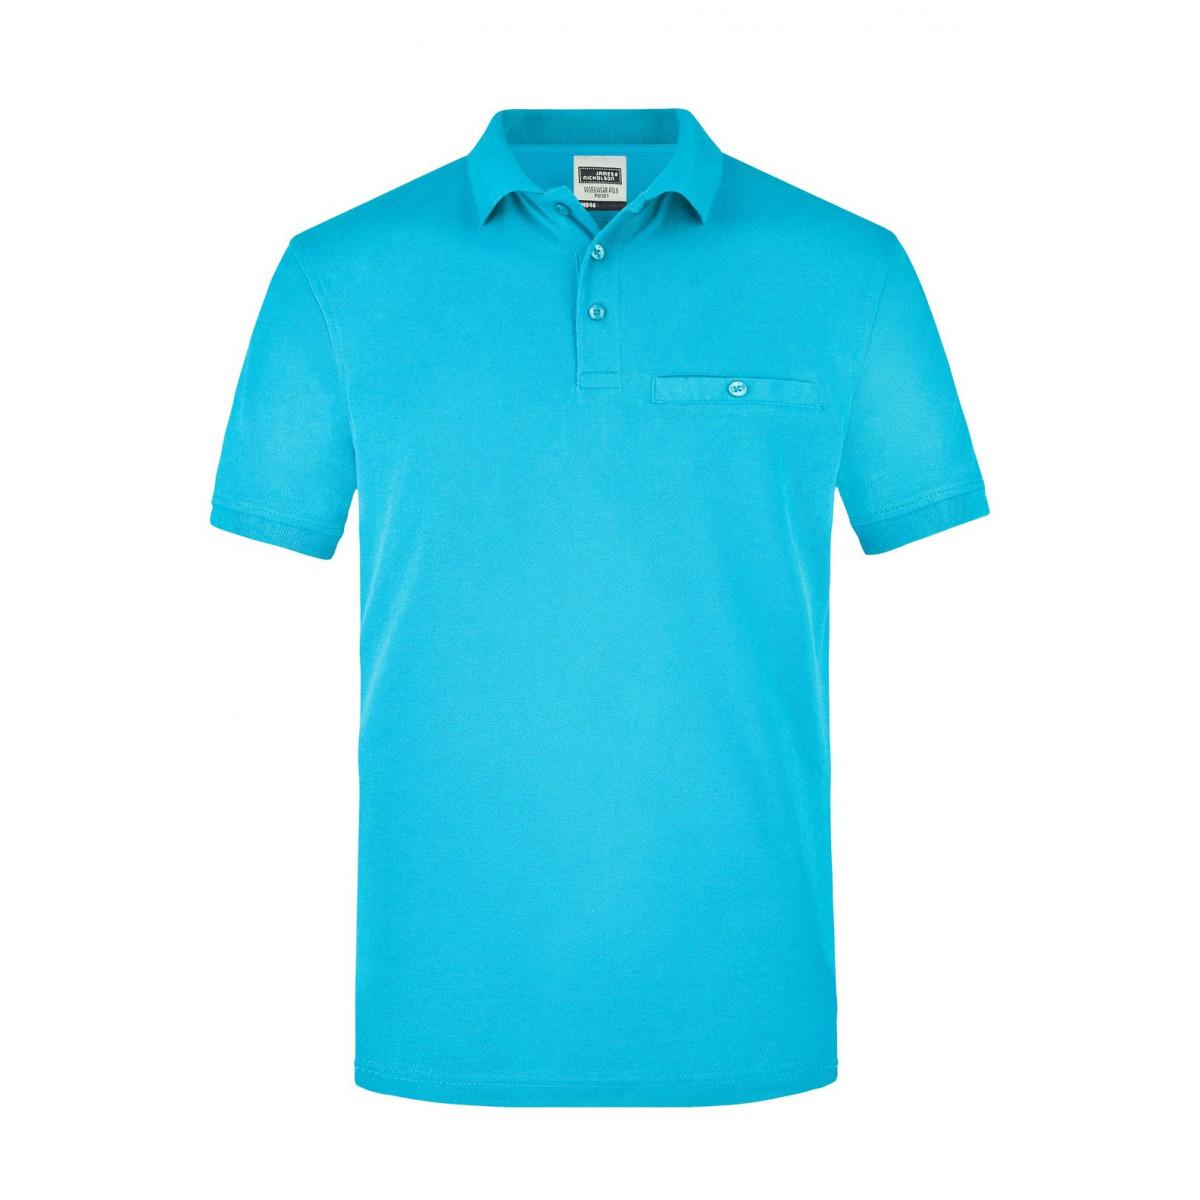 Рубашка поло мужская JN846 Men´s Workwear Polo Pocket - Бирюзовый